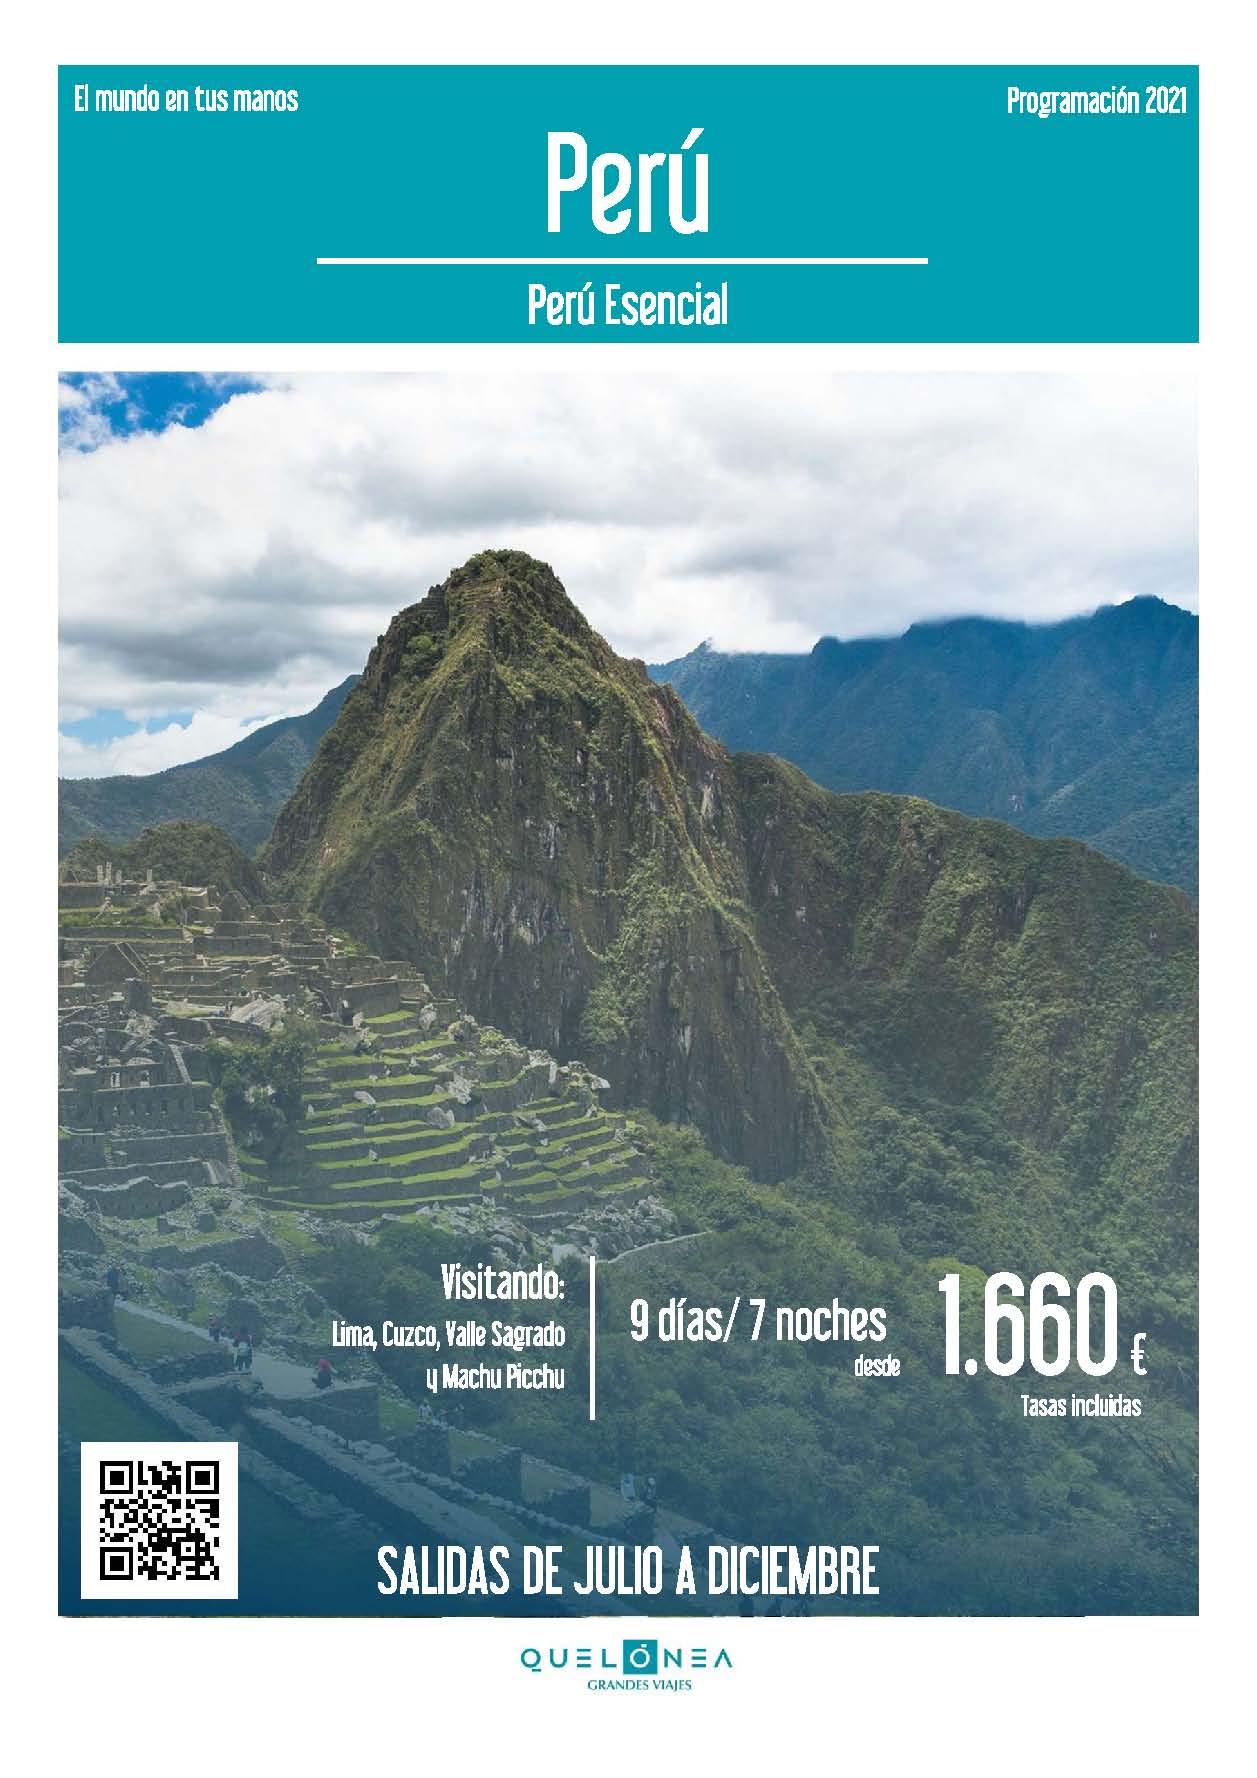 Ofertas Quelonea Peru Esencial Verano y Otono 2021